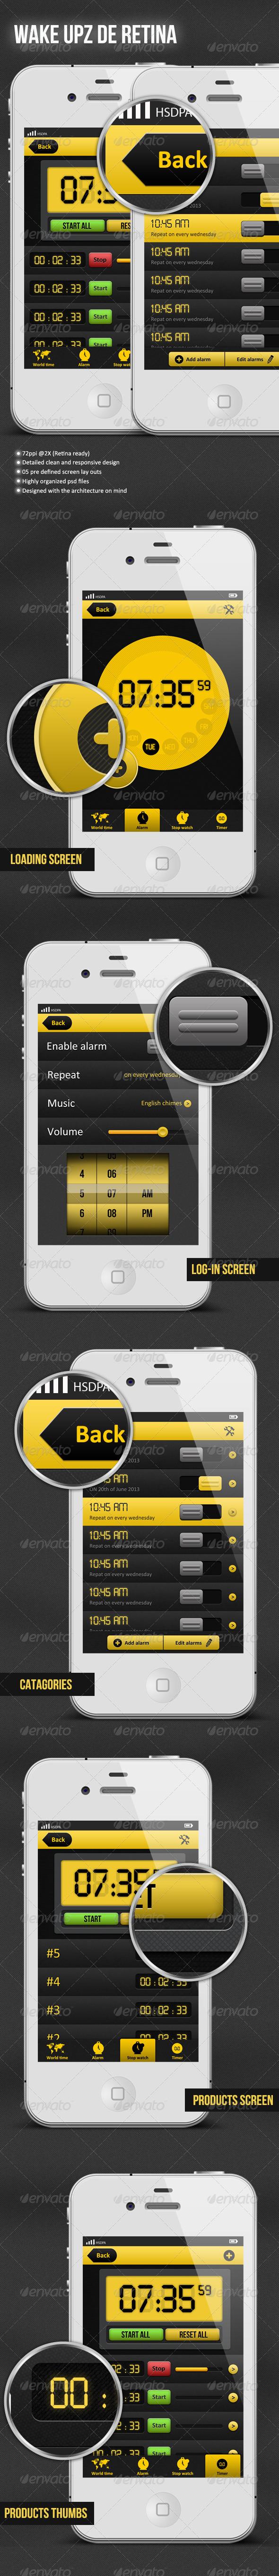 GraphicRiver Wake Upz De Retina Alarm Application GUI Pack 4418852